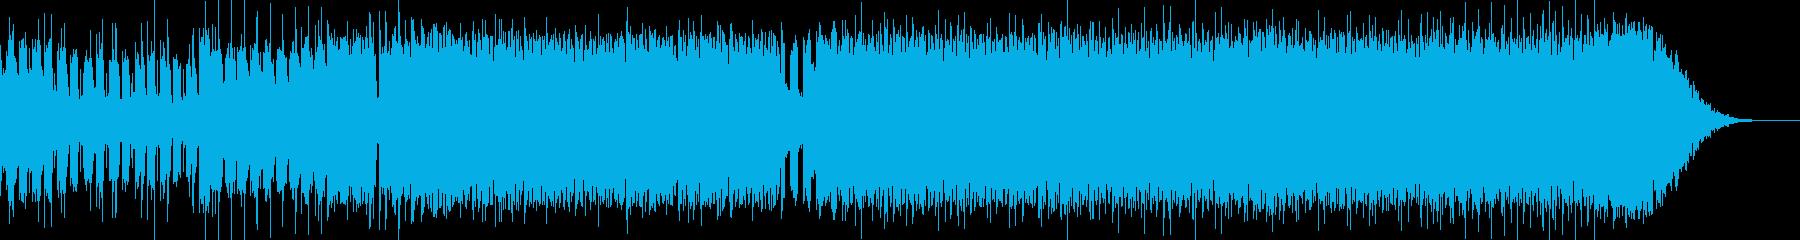 コンテンツのオープニング用EDM の再生済みの波形